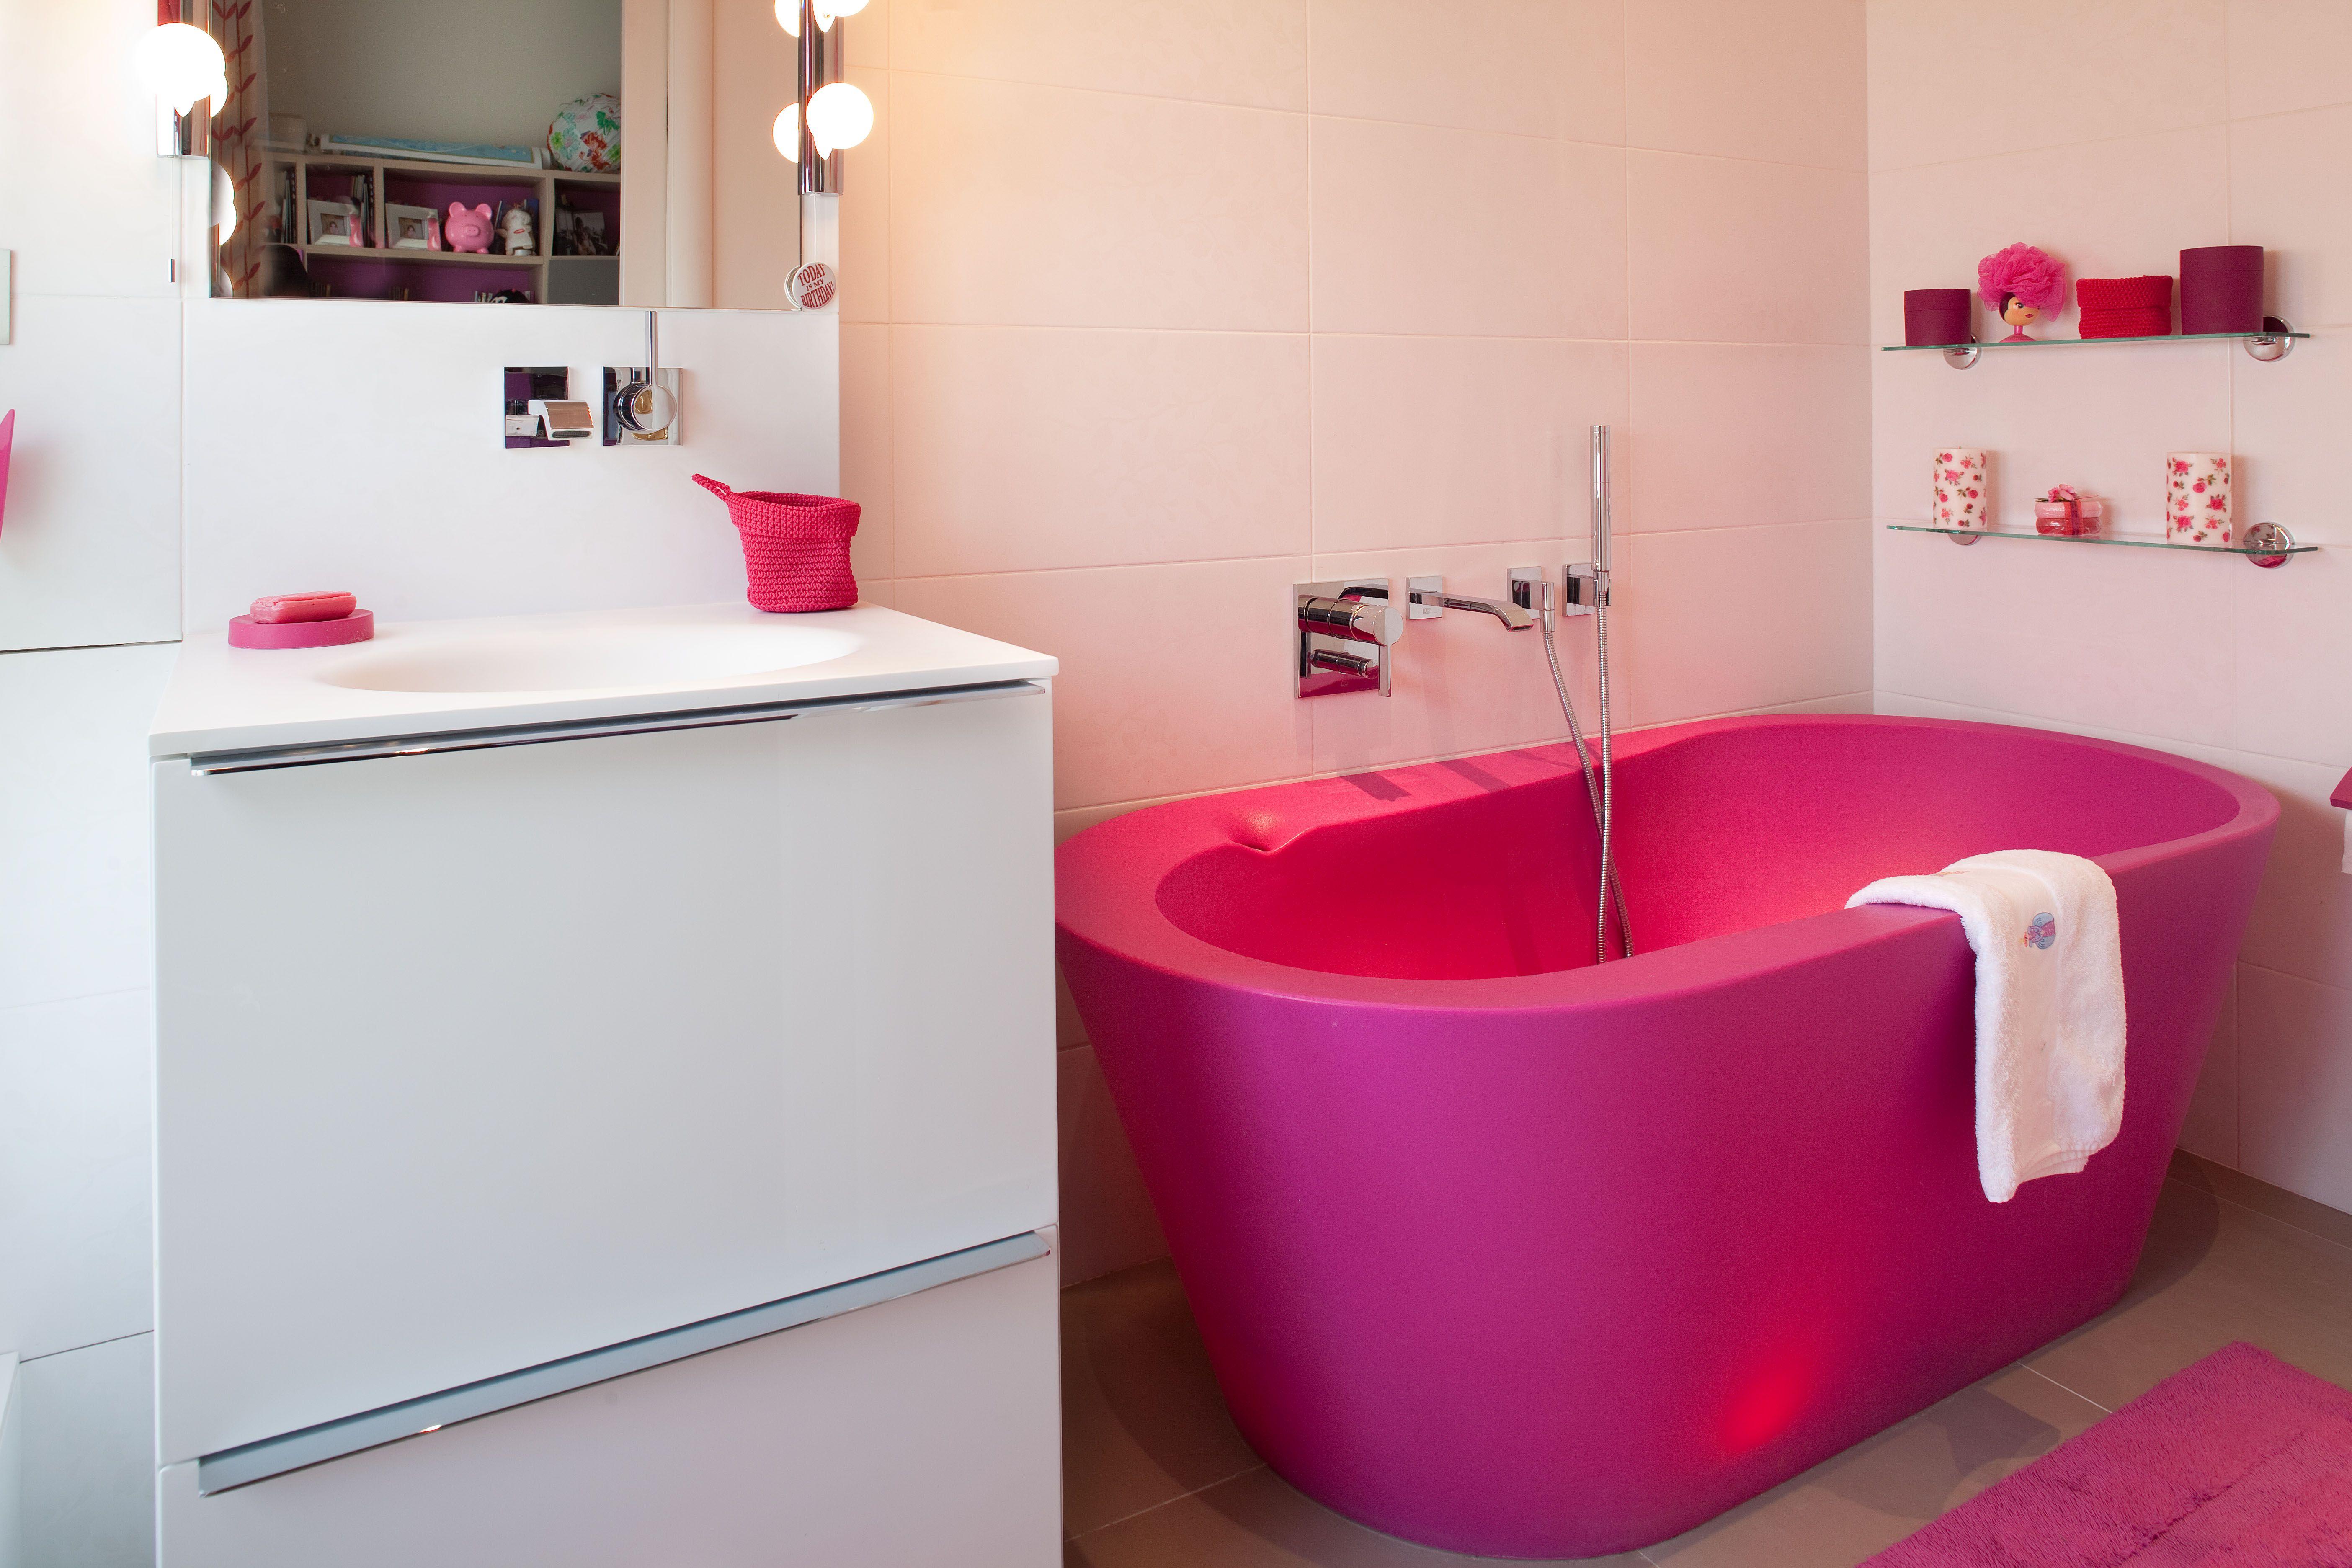 Salle De Bains Pour Jeune Fille Avec Baignoire Lumineuse Rose Fuchsia. A  Retrouver Sur Www.christiansen Design.com